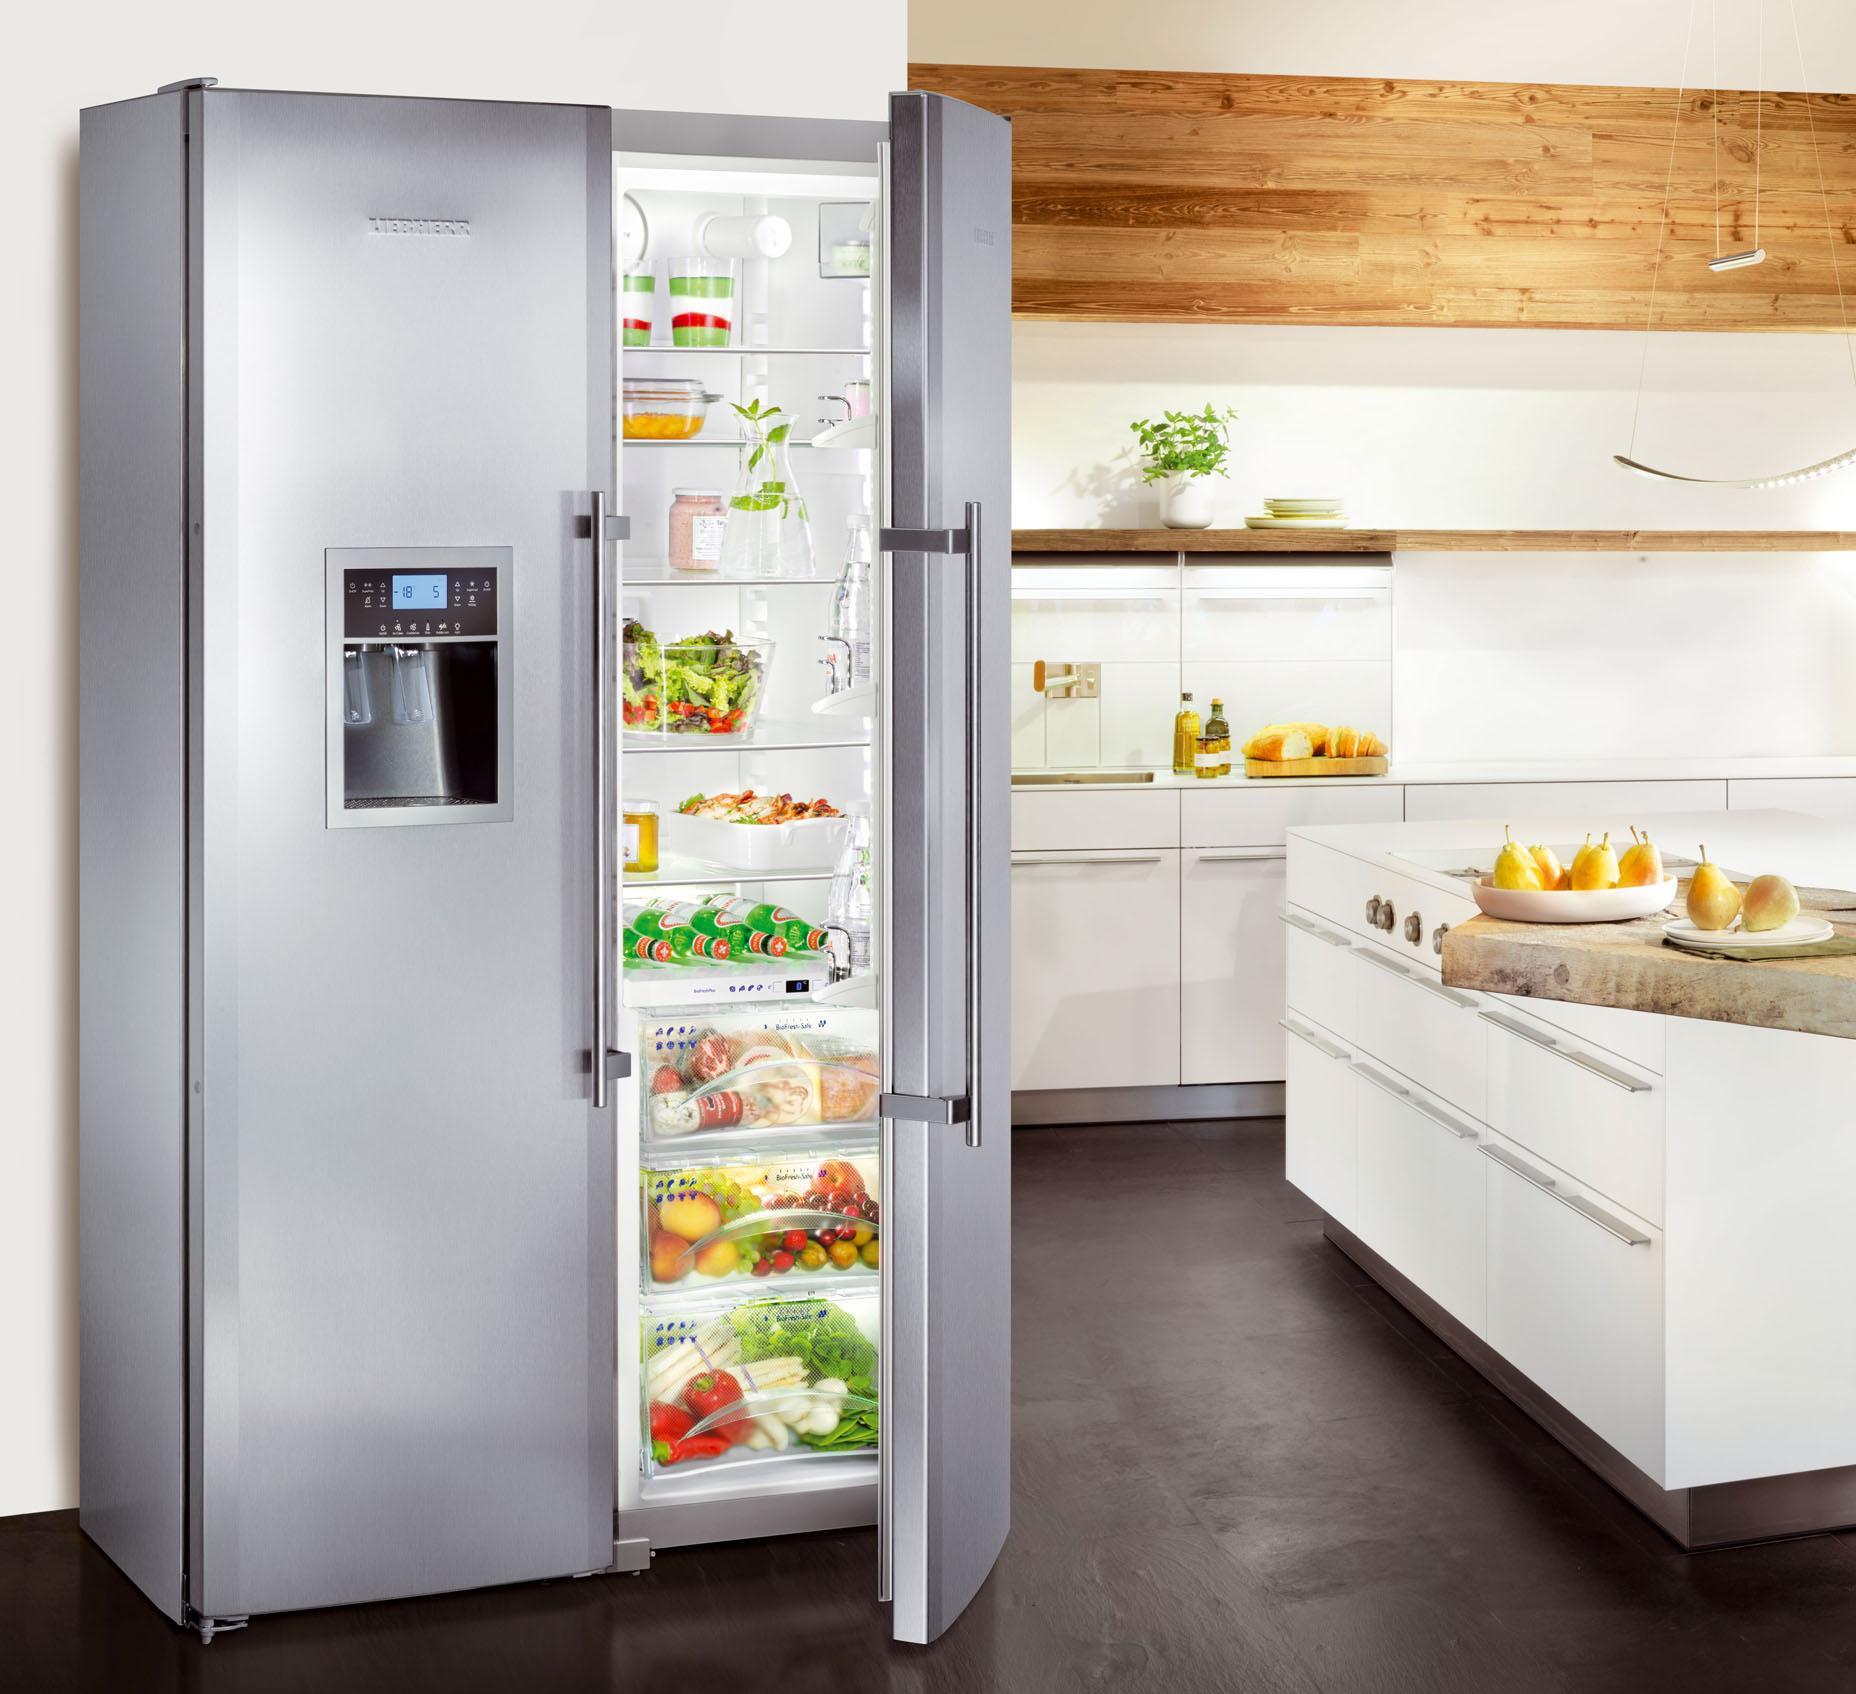 Что такое инверторный компрессор и почему его применяют в холодильнике